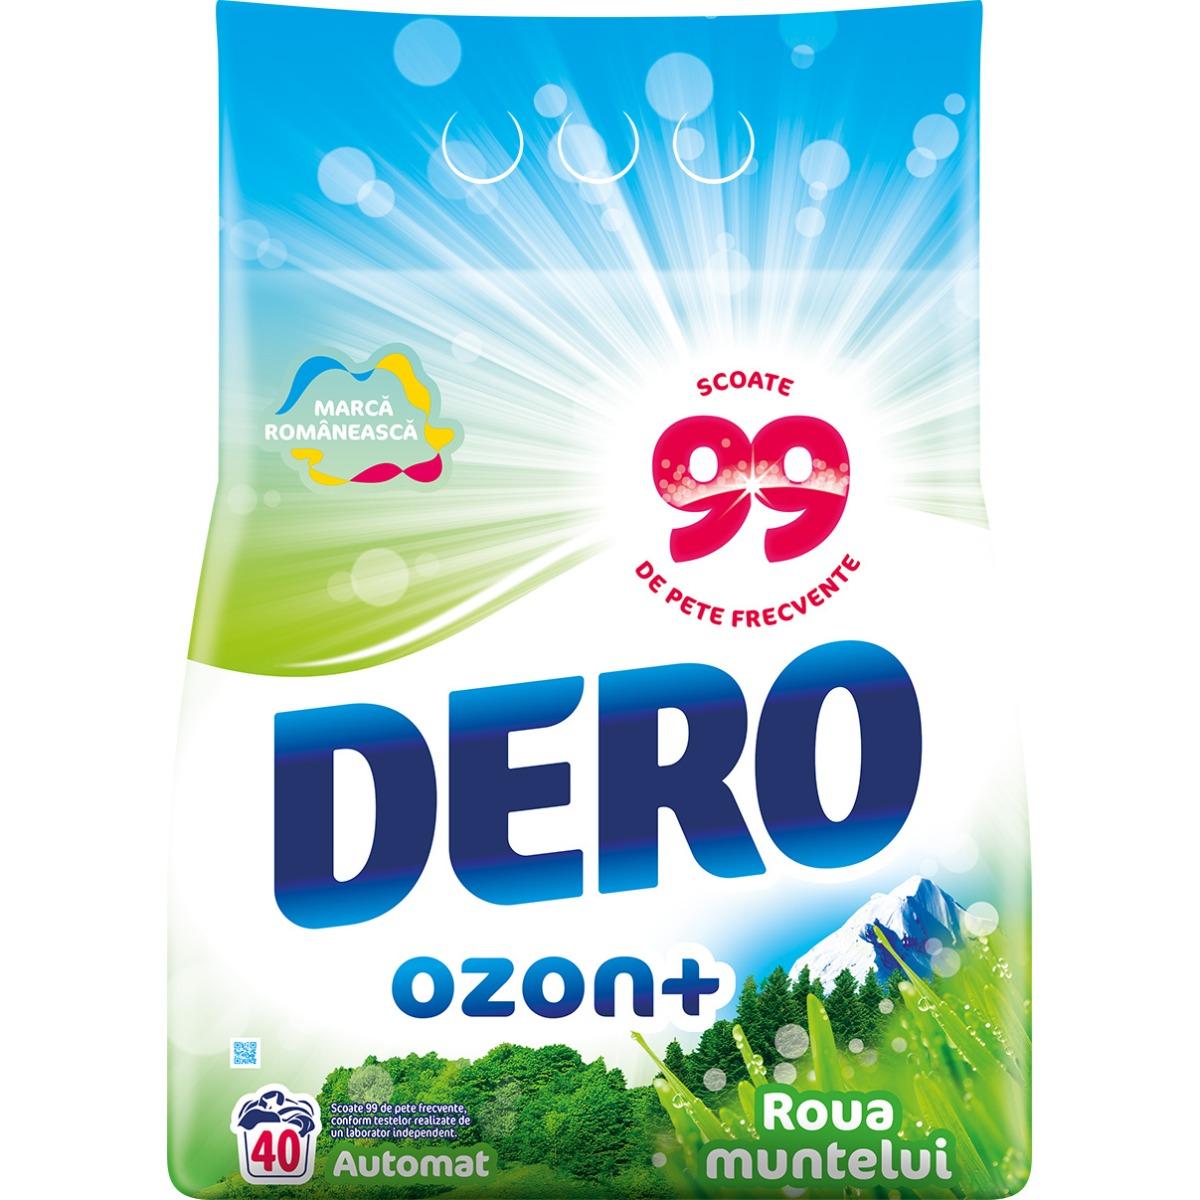 Detergent automat Dero Ozon+ Roua Muntelui, 40 spalari, 4 kg imagine